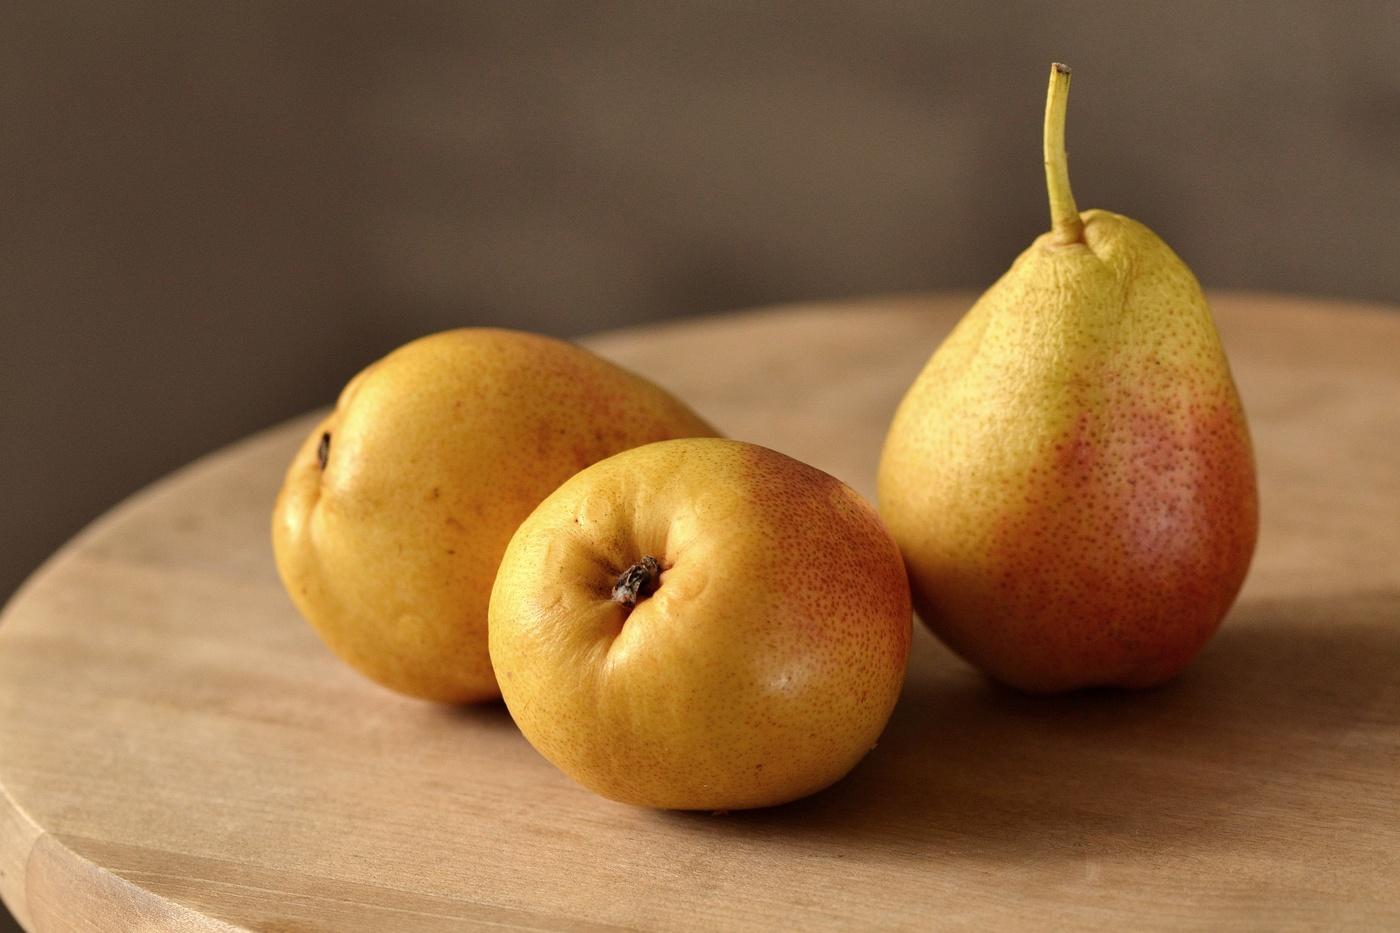 Груша — польза и вред, состав, калорийность. рецепты из груши. лучшие сорта